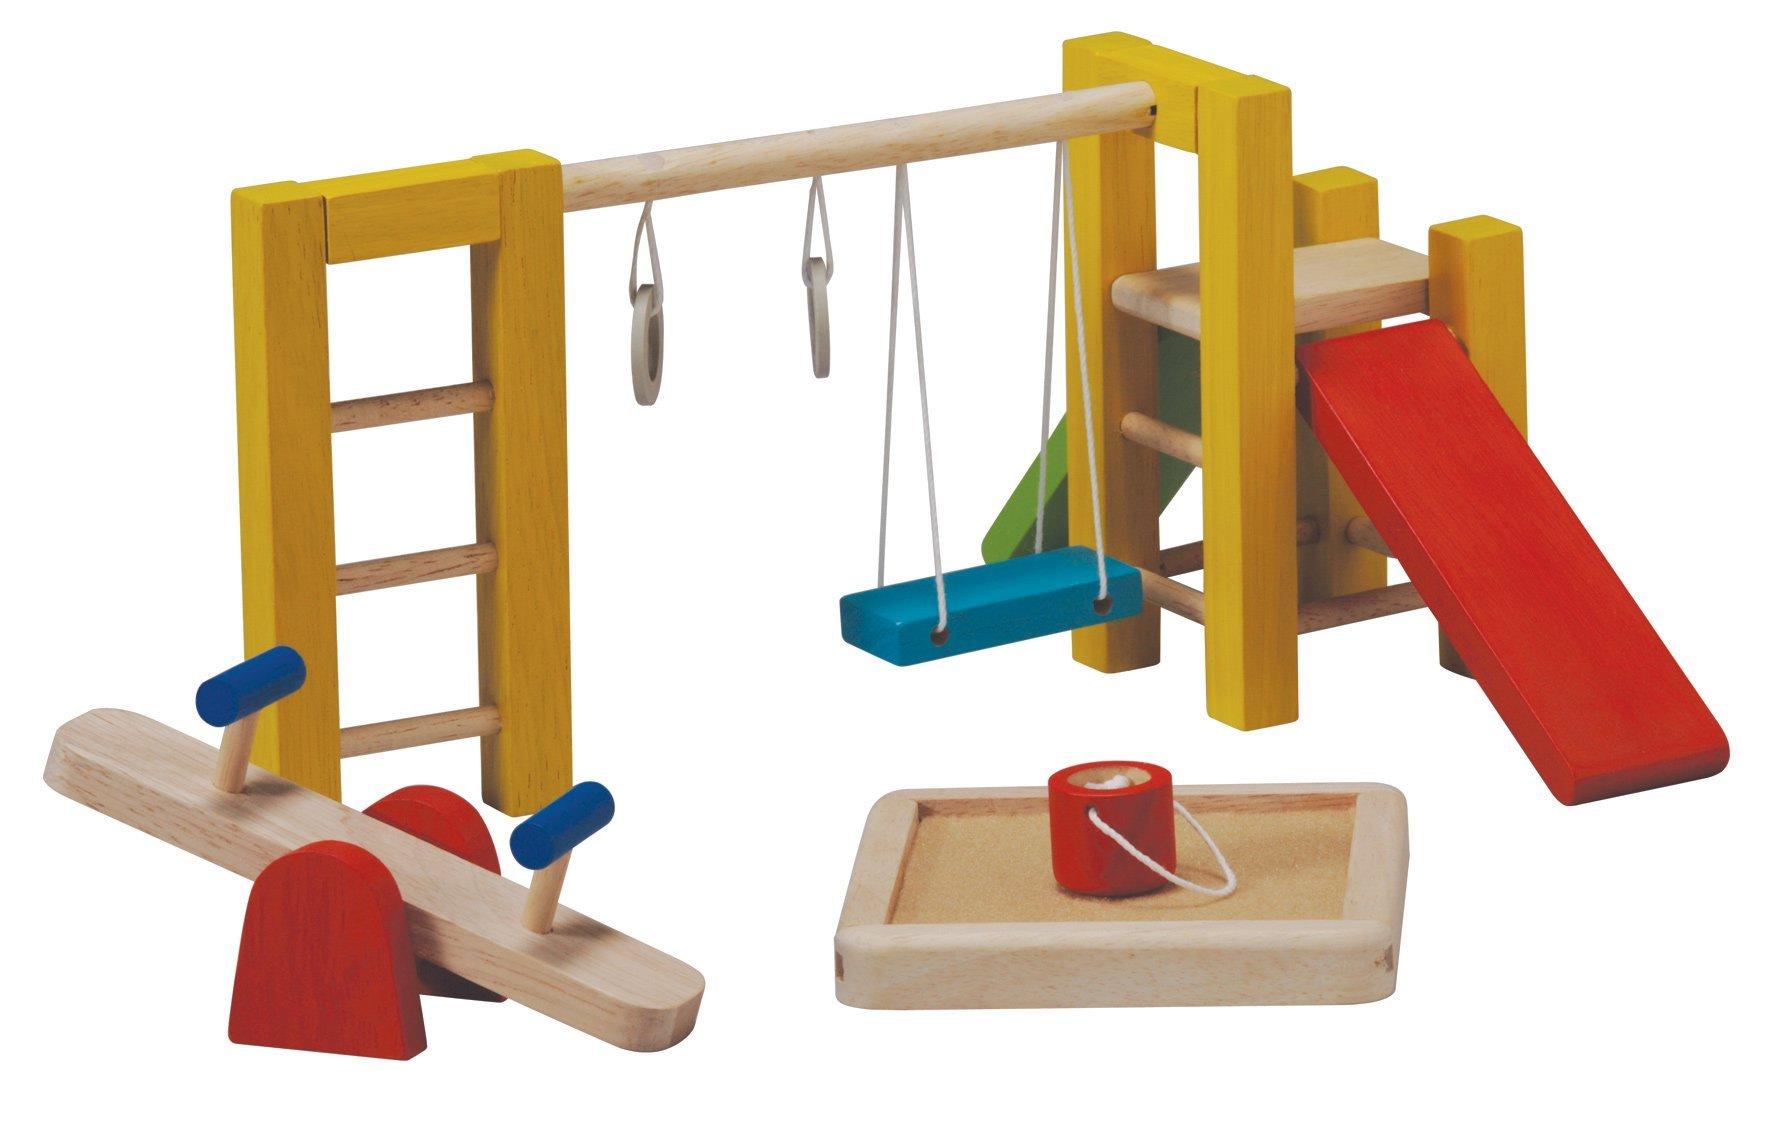 PlanToys Playground